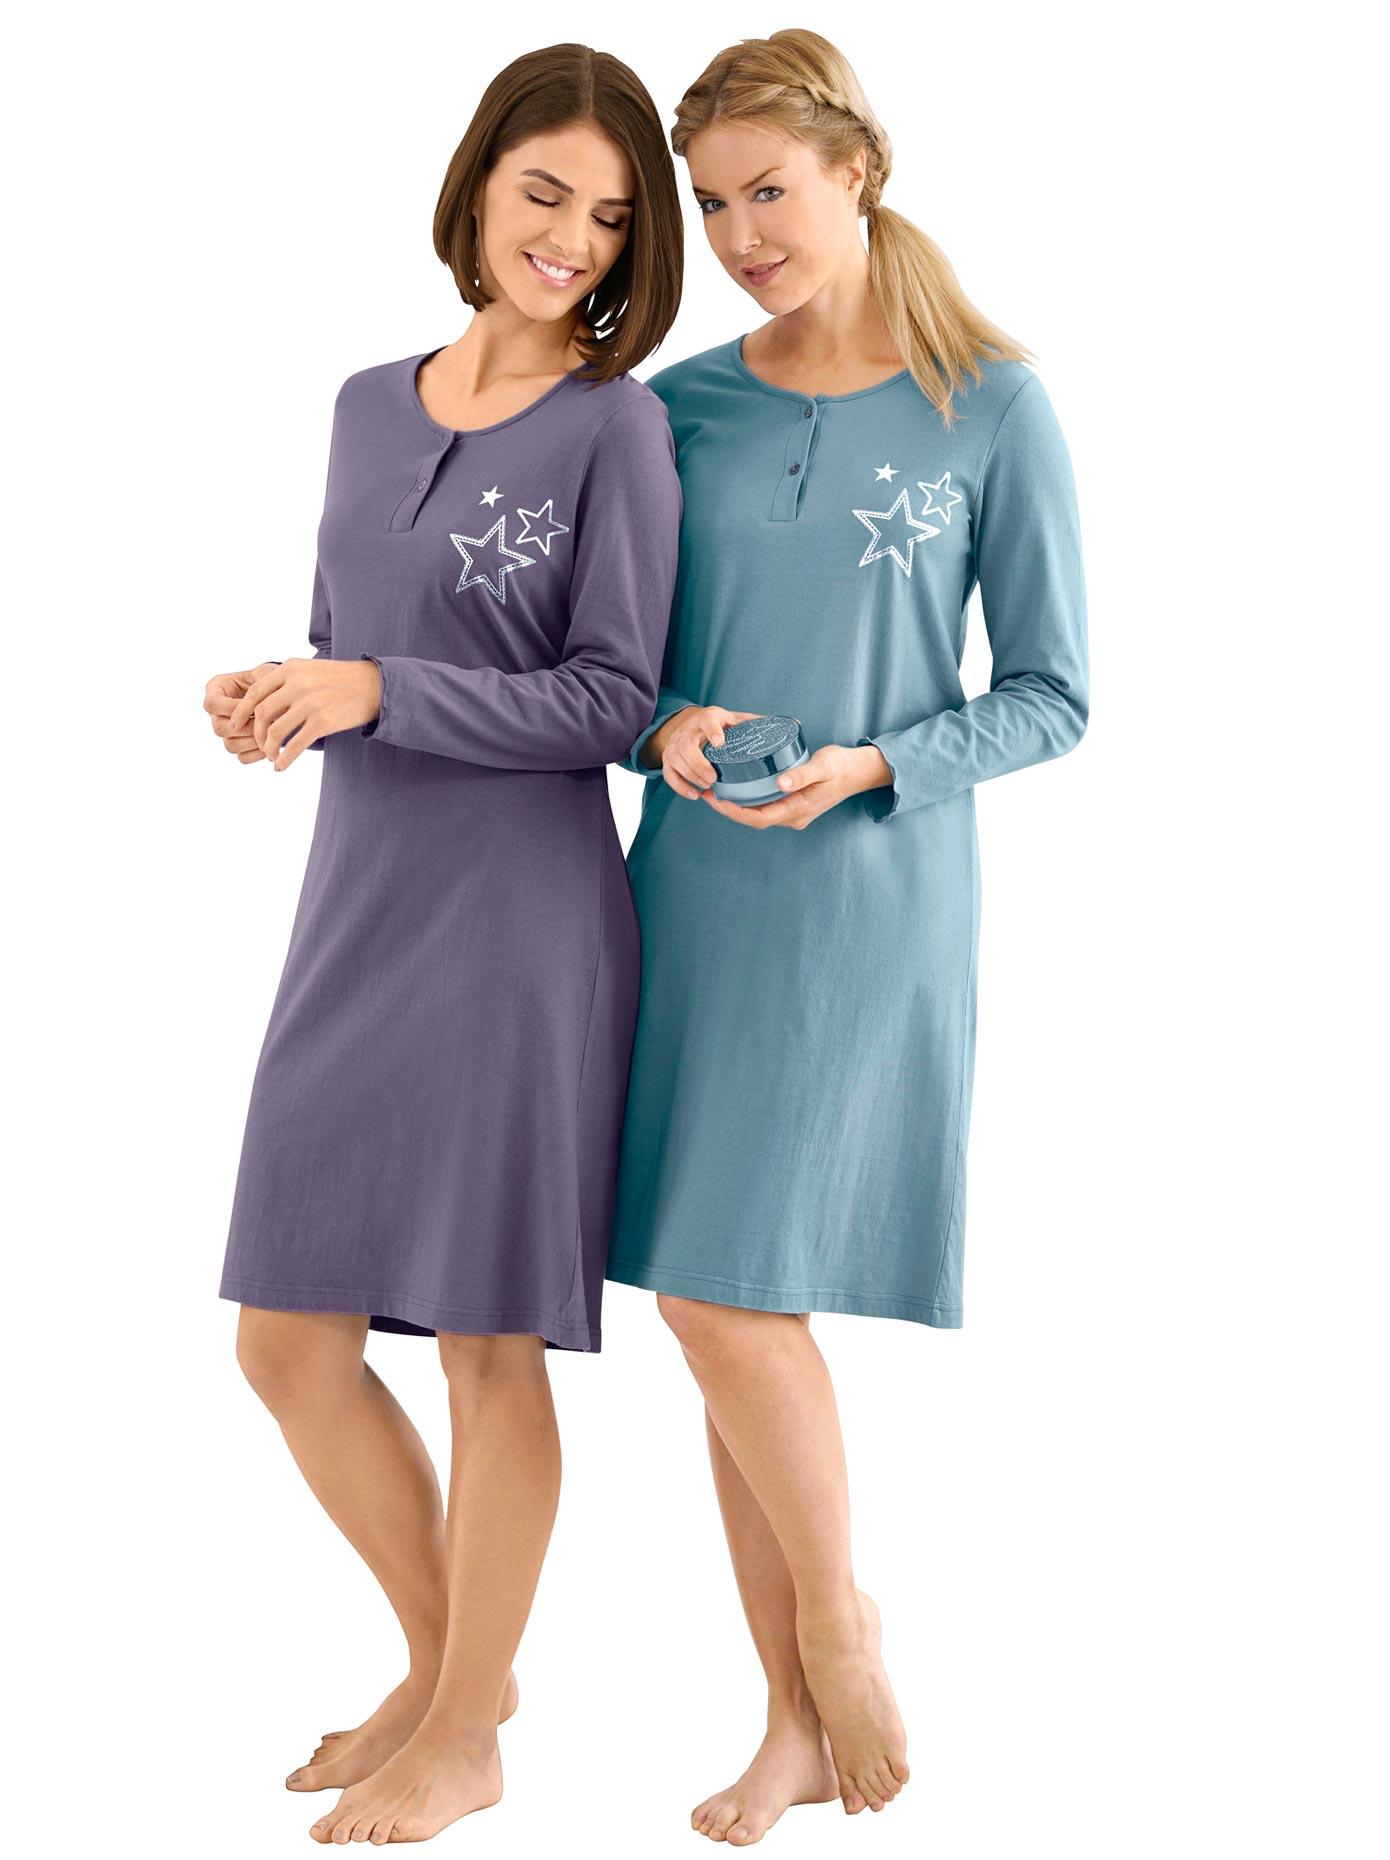 wäschepur Sleepshirt (2 Stck)   Bekleidung > Nachtwäsche > Sleepshirts   Wäschepur